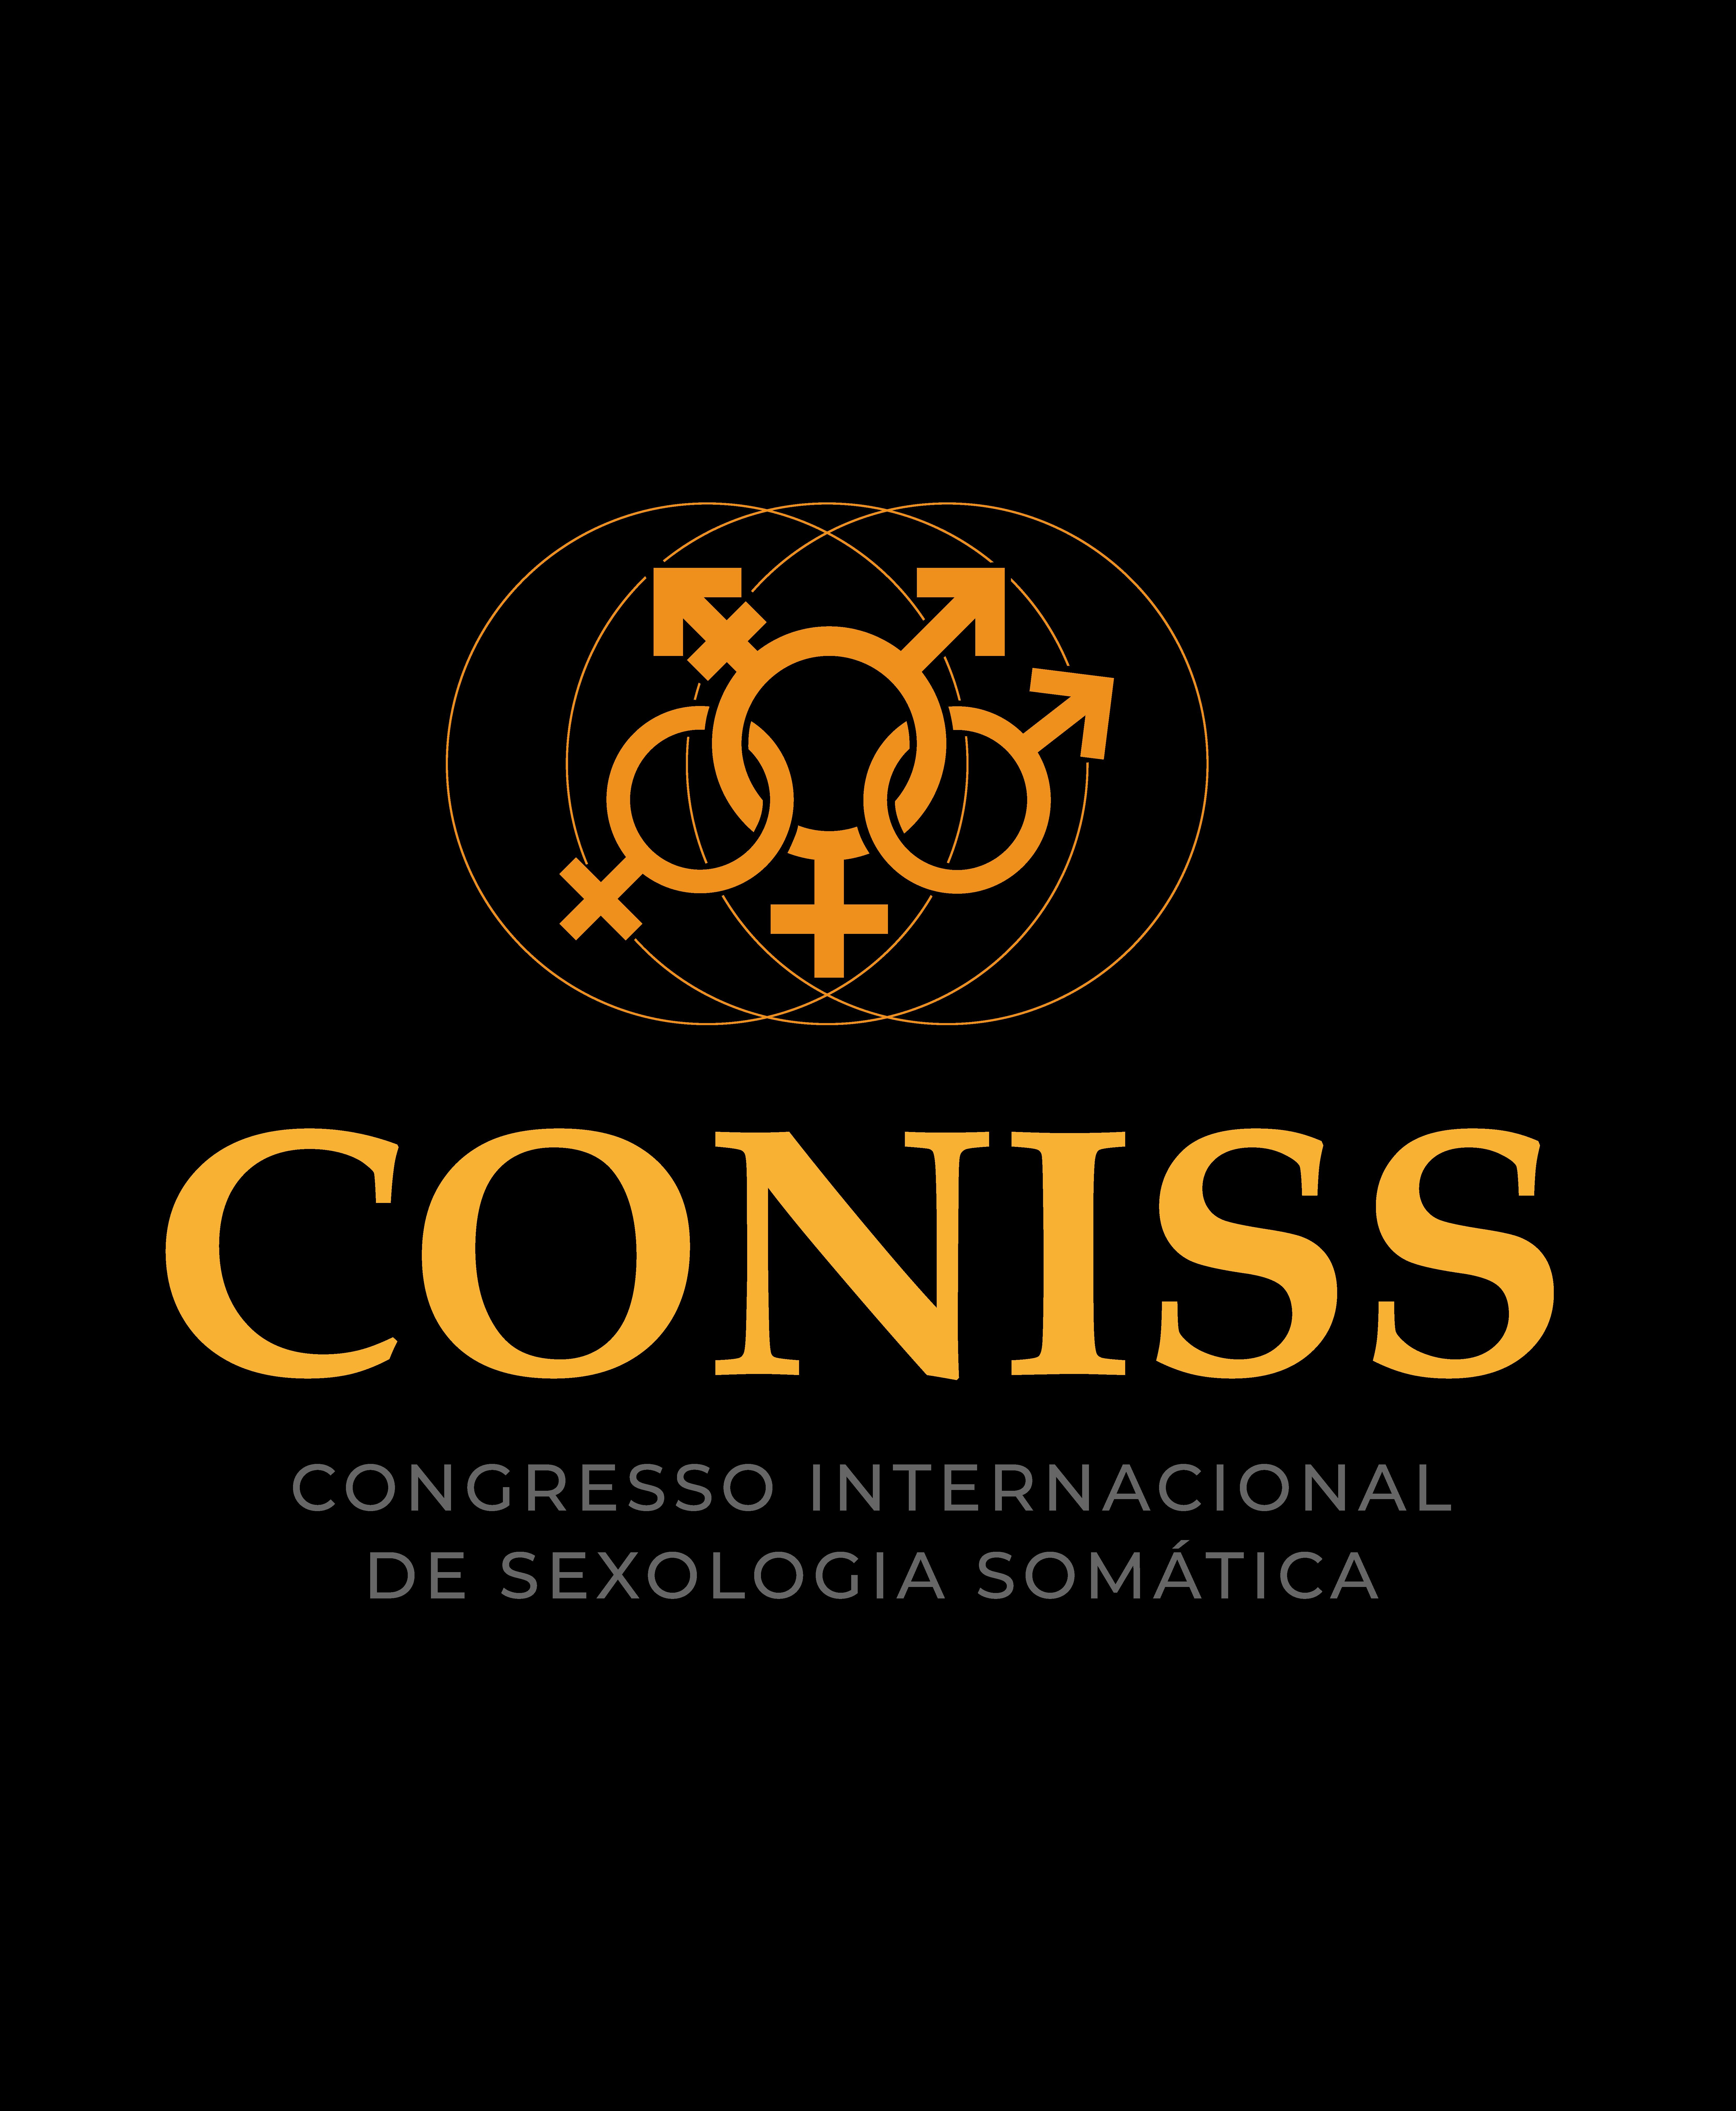 CONISS